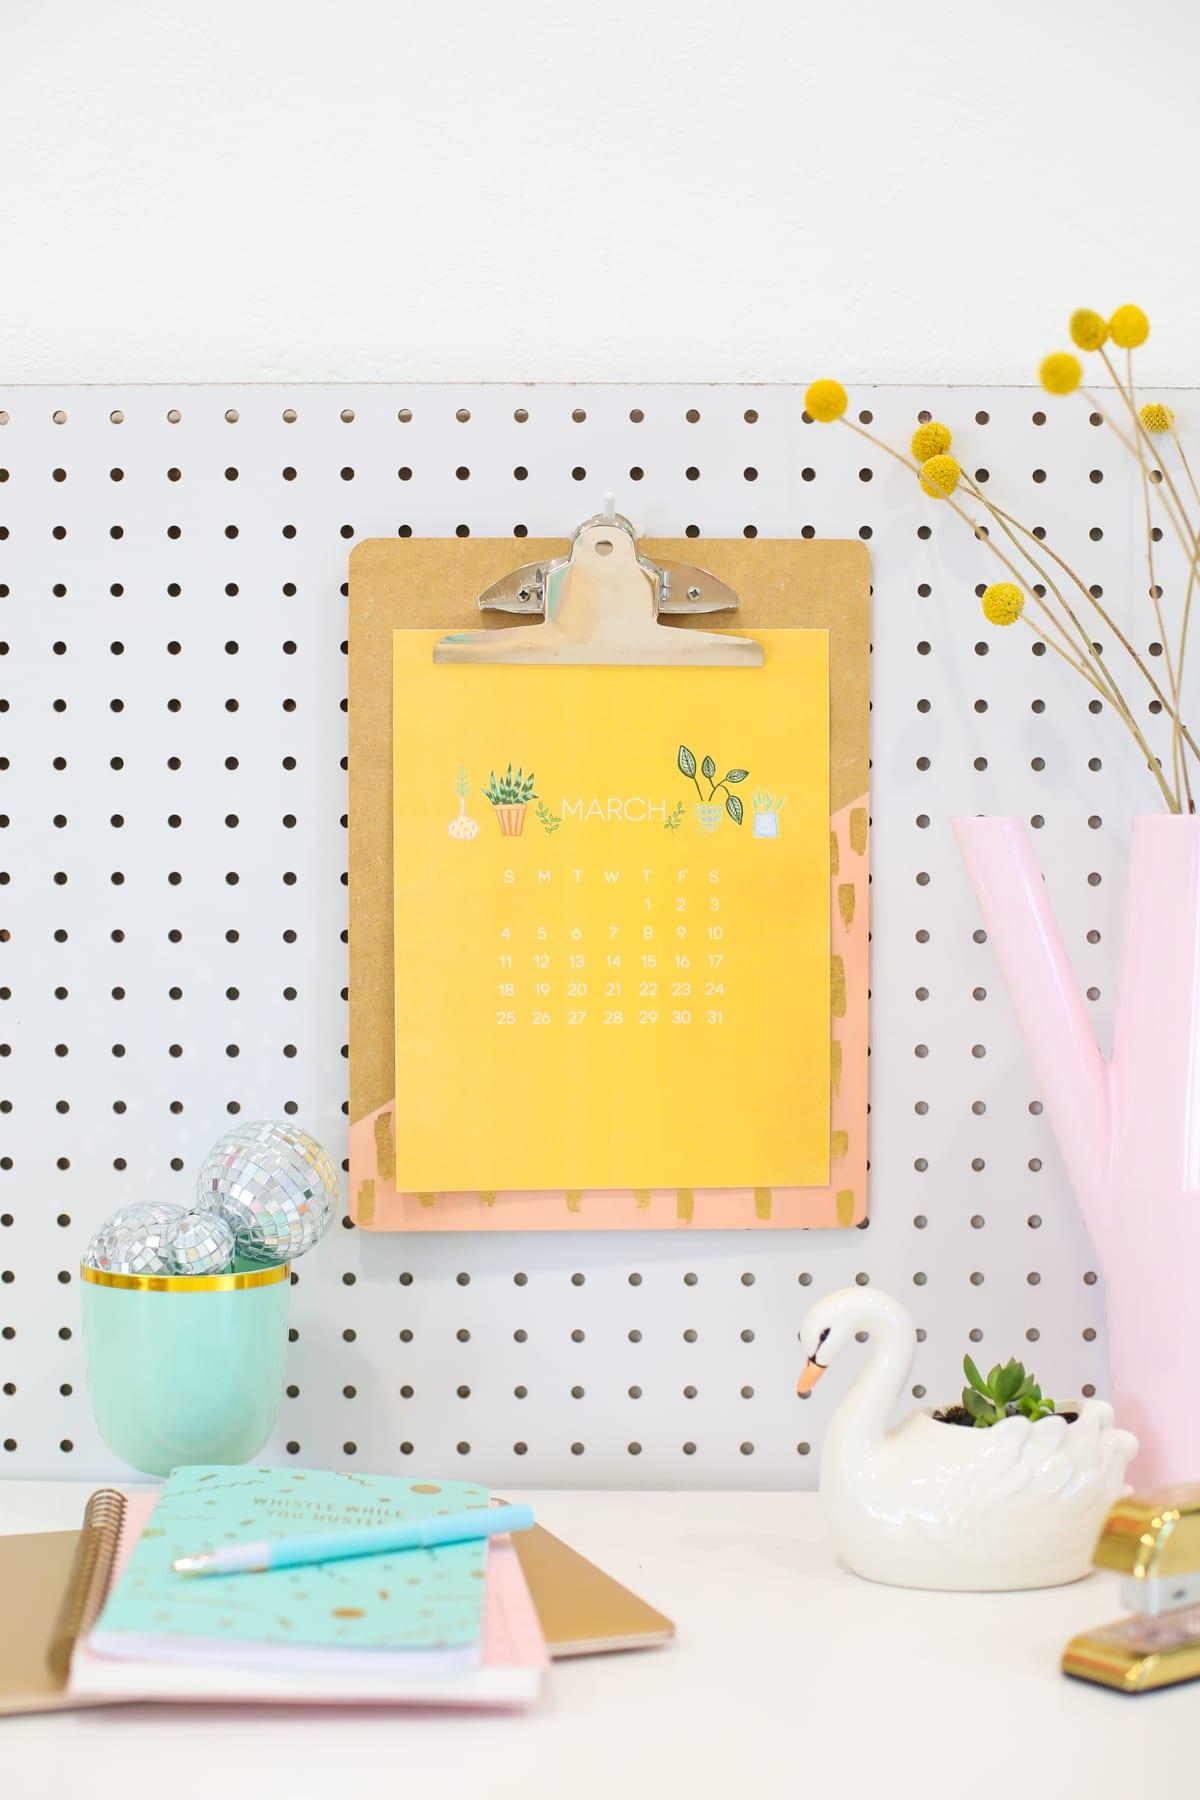 Free Printable Calendar 2018 Roundup - thecraftpatchblog.com